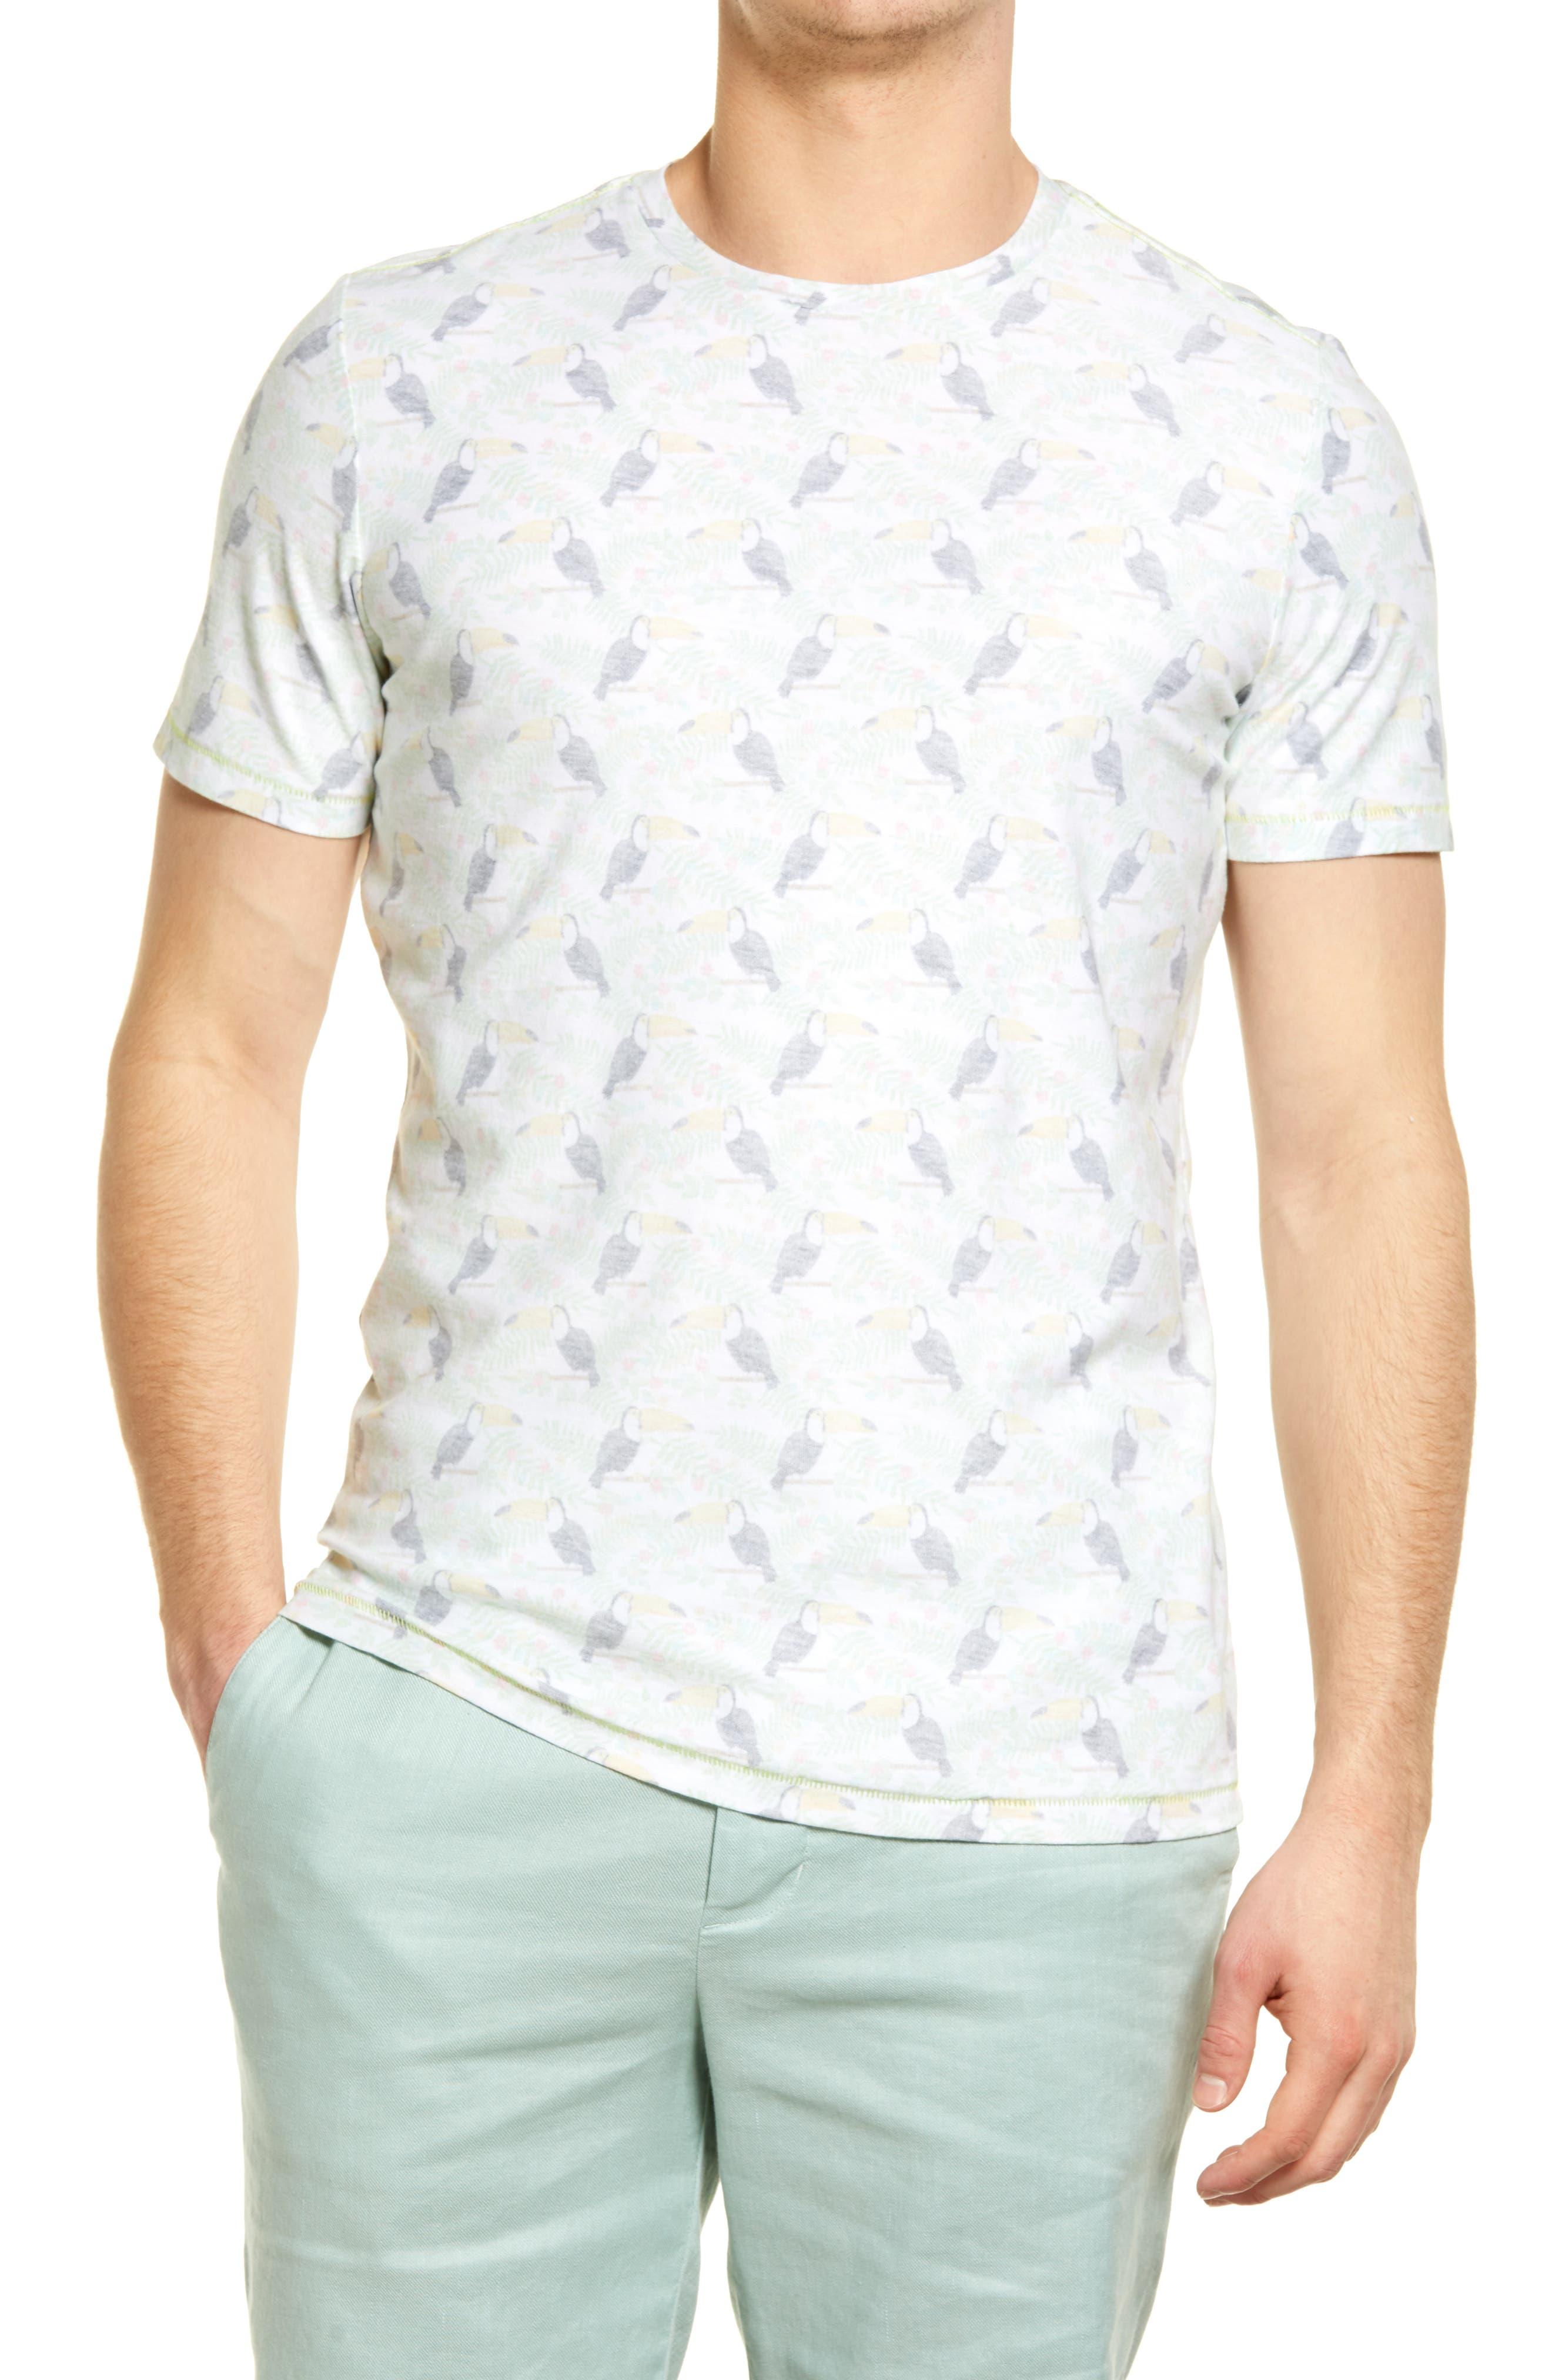 Reverse Print Slub T-Shirt